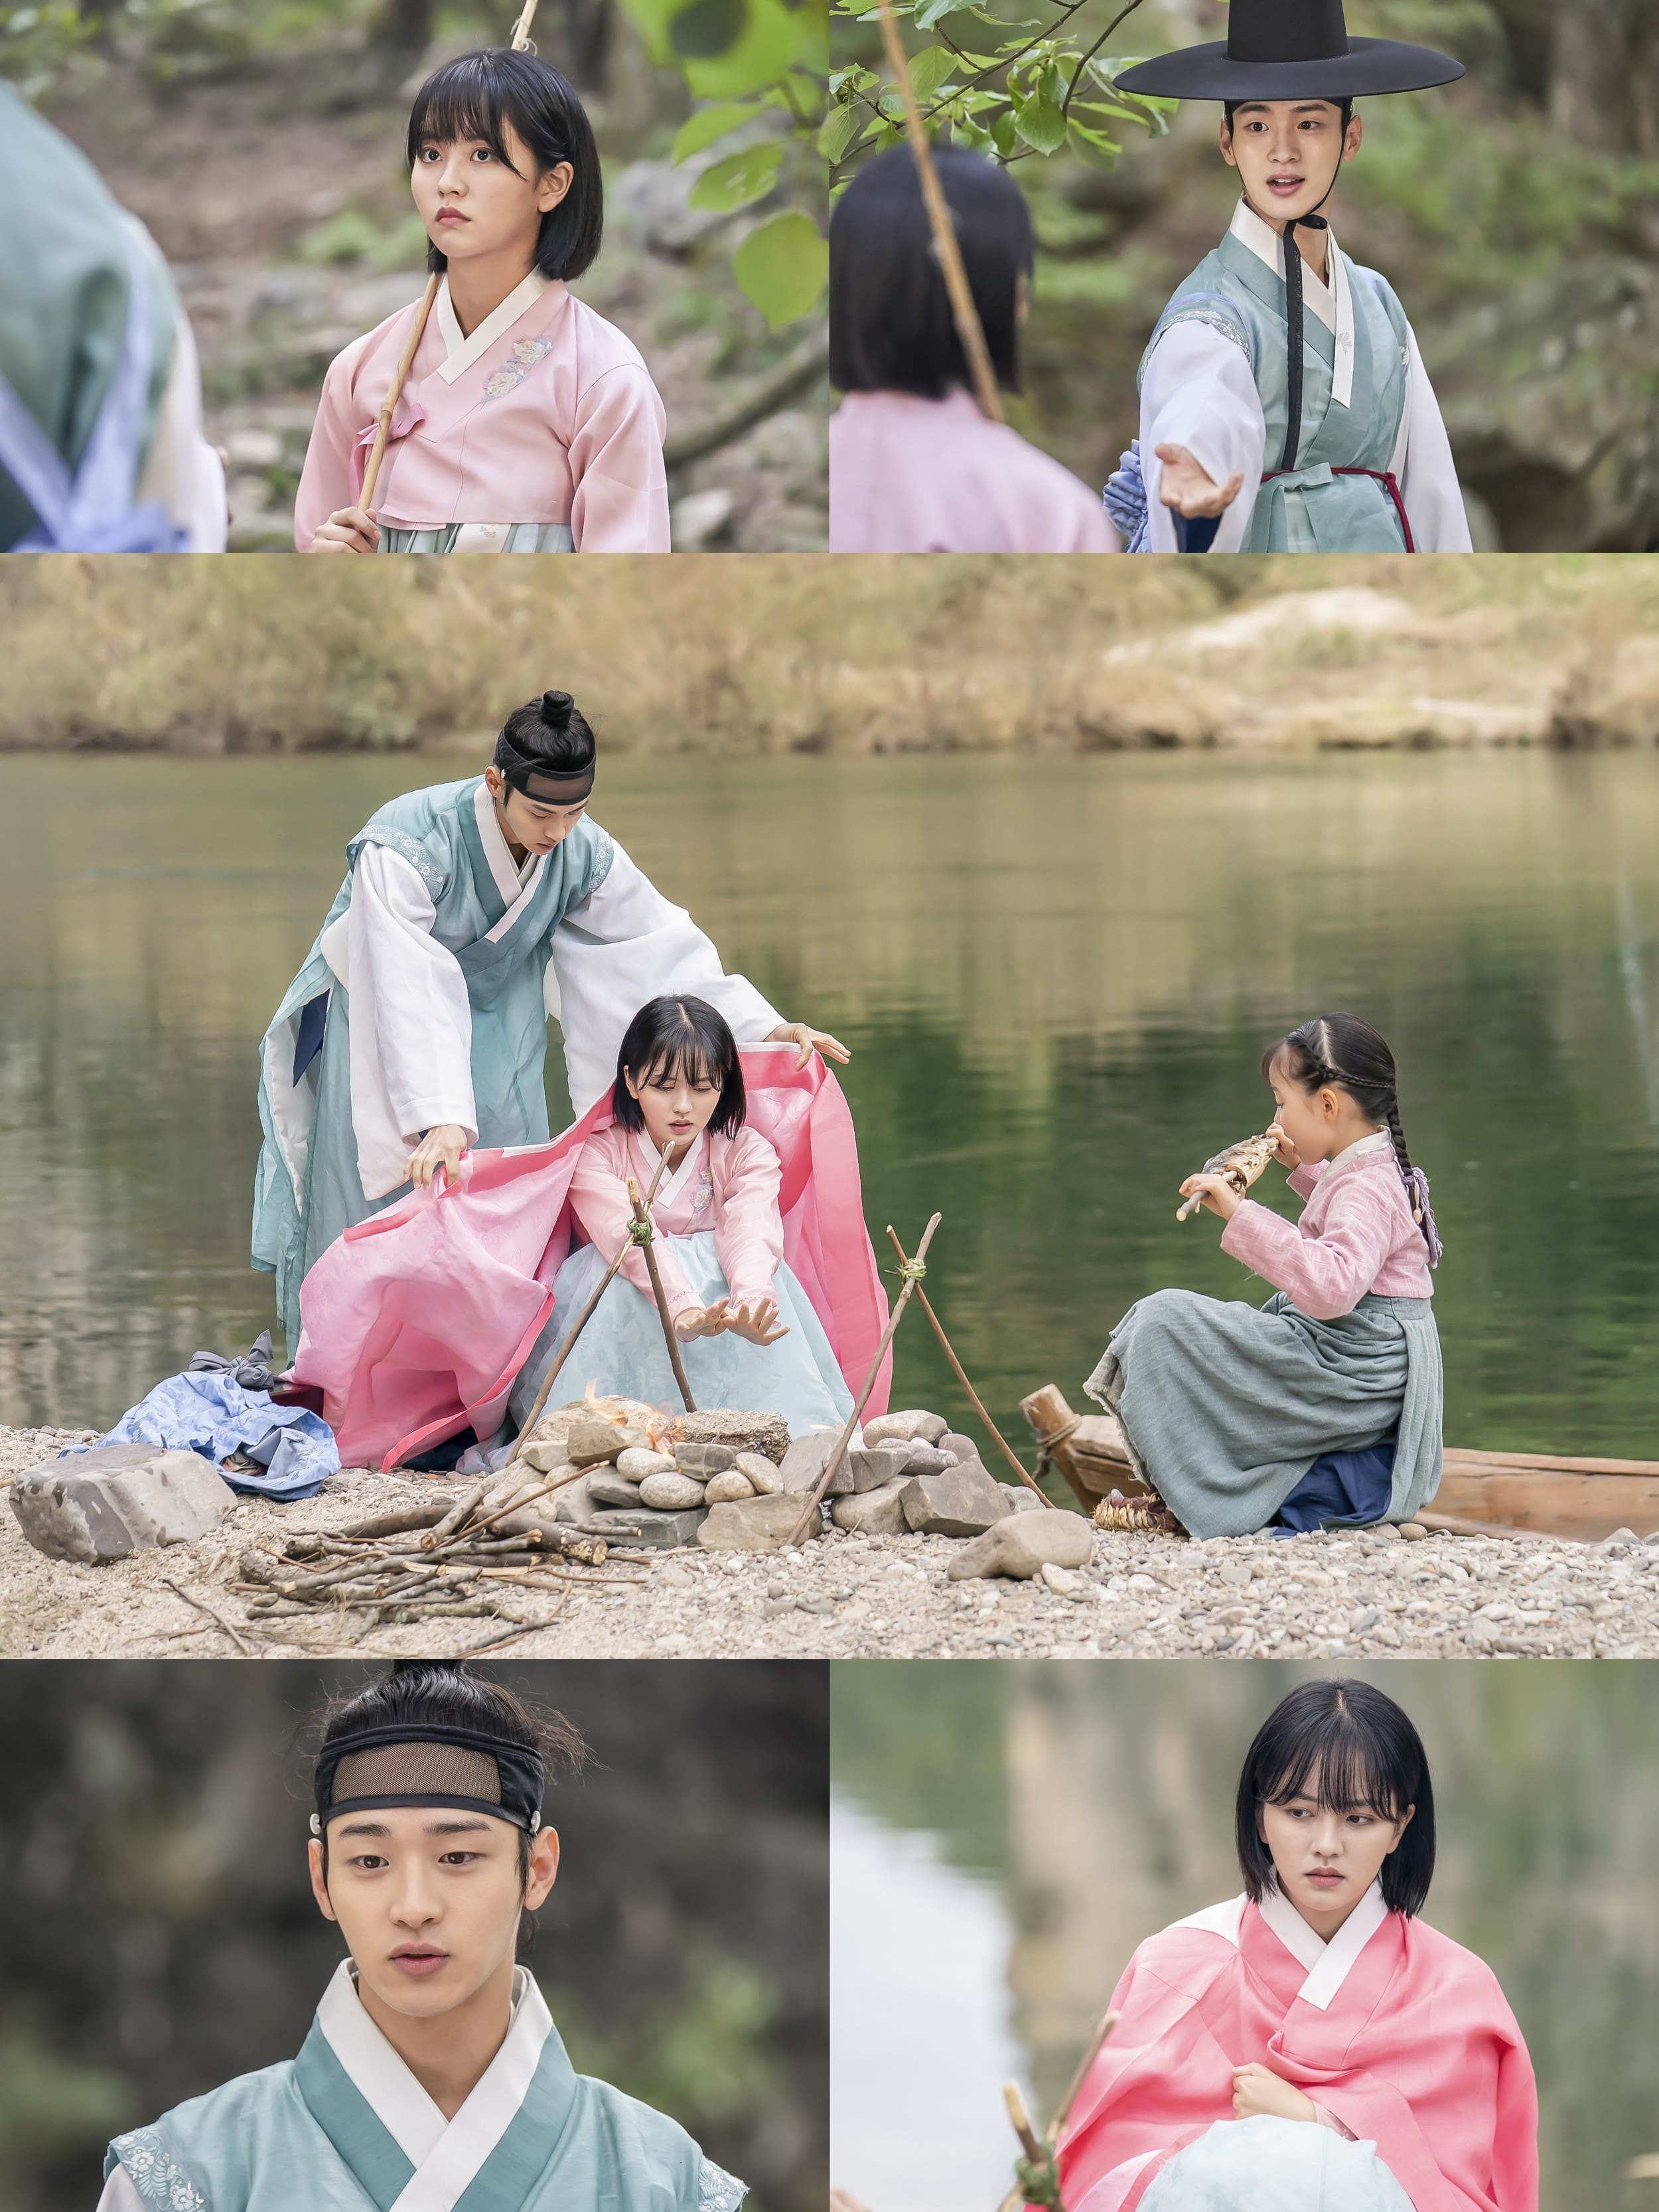 the-tale-of-nokdu-jang-dong-yoon-kim-so-